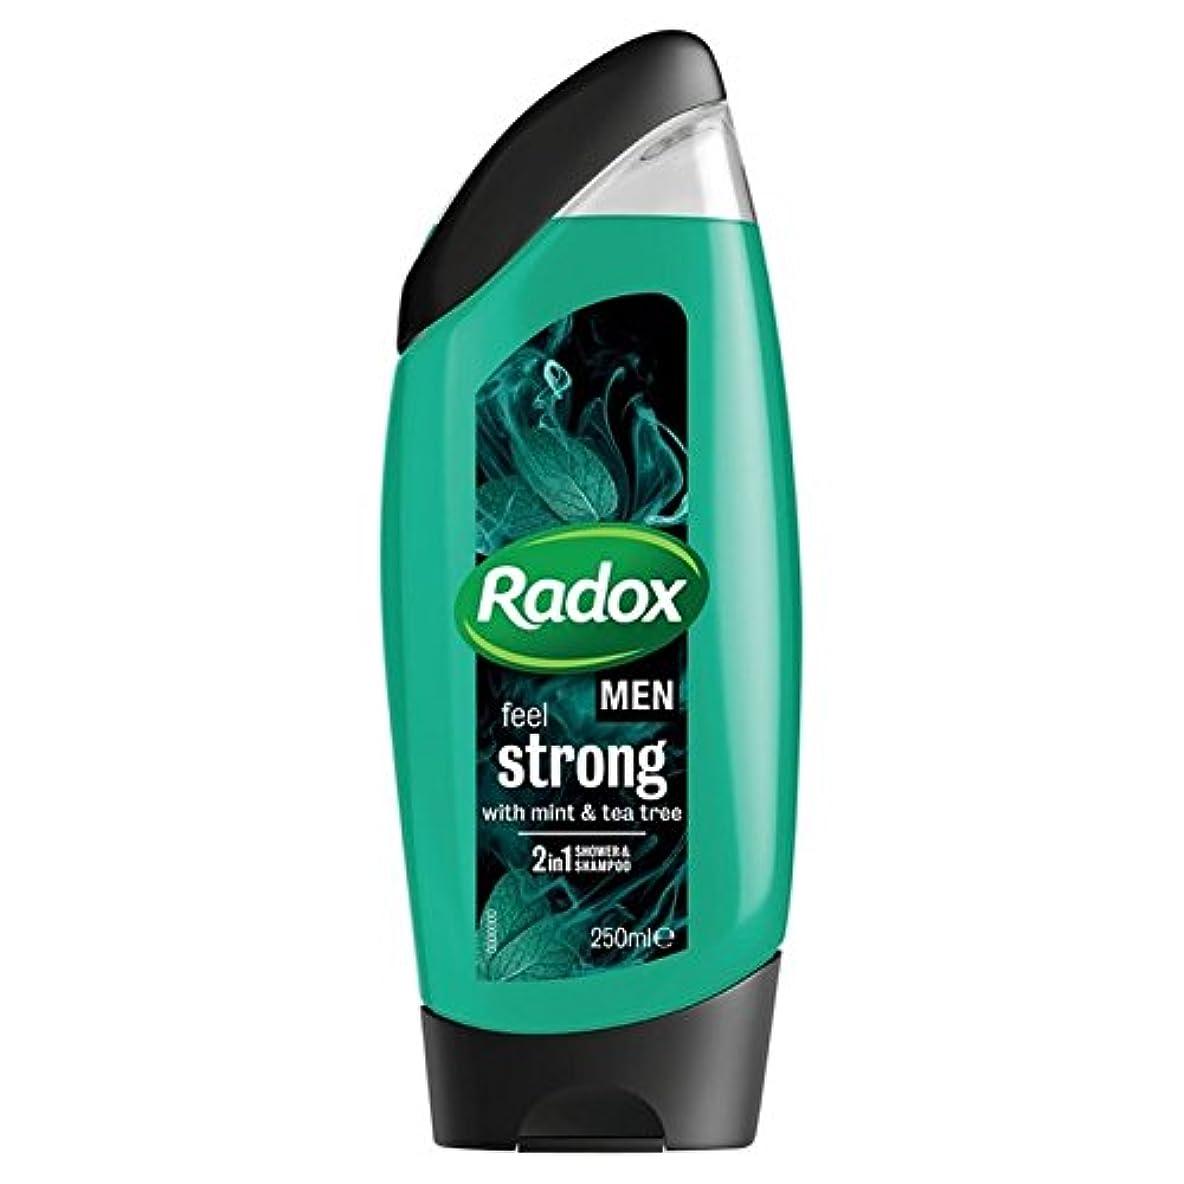 怠けたみなさんズームインする男性は、強力なミント&ティーツリーの21のシャワージェル250ミリリットルを感じます x4 - Radox Men Feel Strong Mint & Tea Tree 2in1 Shower Gel 250ml (Pack...